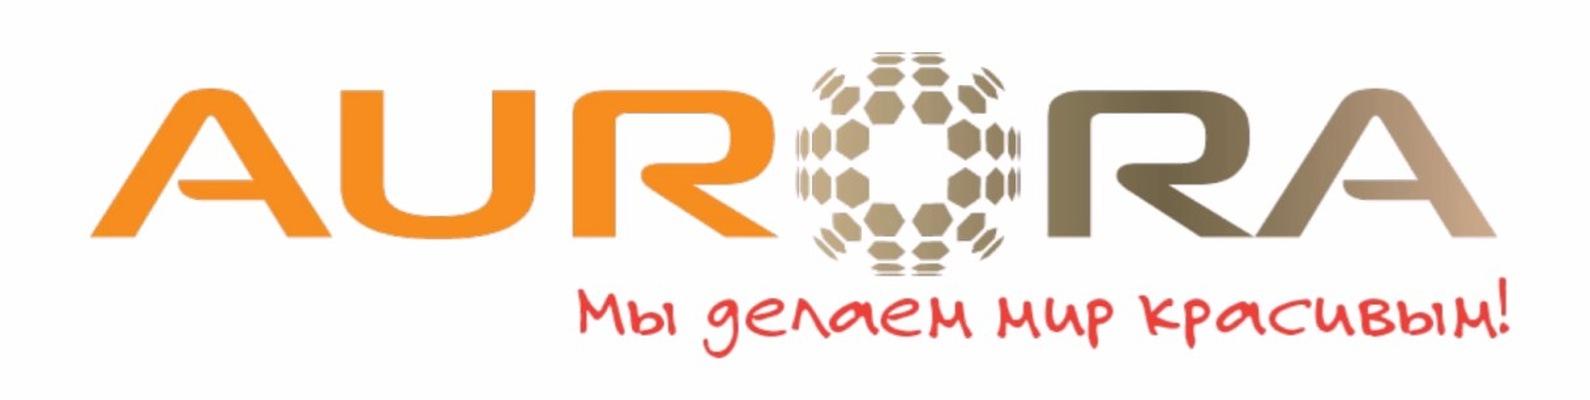 Аврора млм компания официальный сайт создание сайтов лп генератор